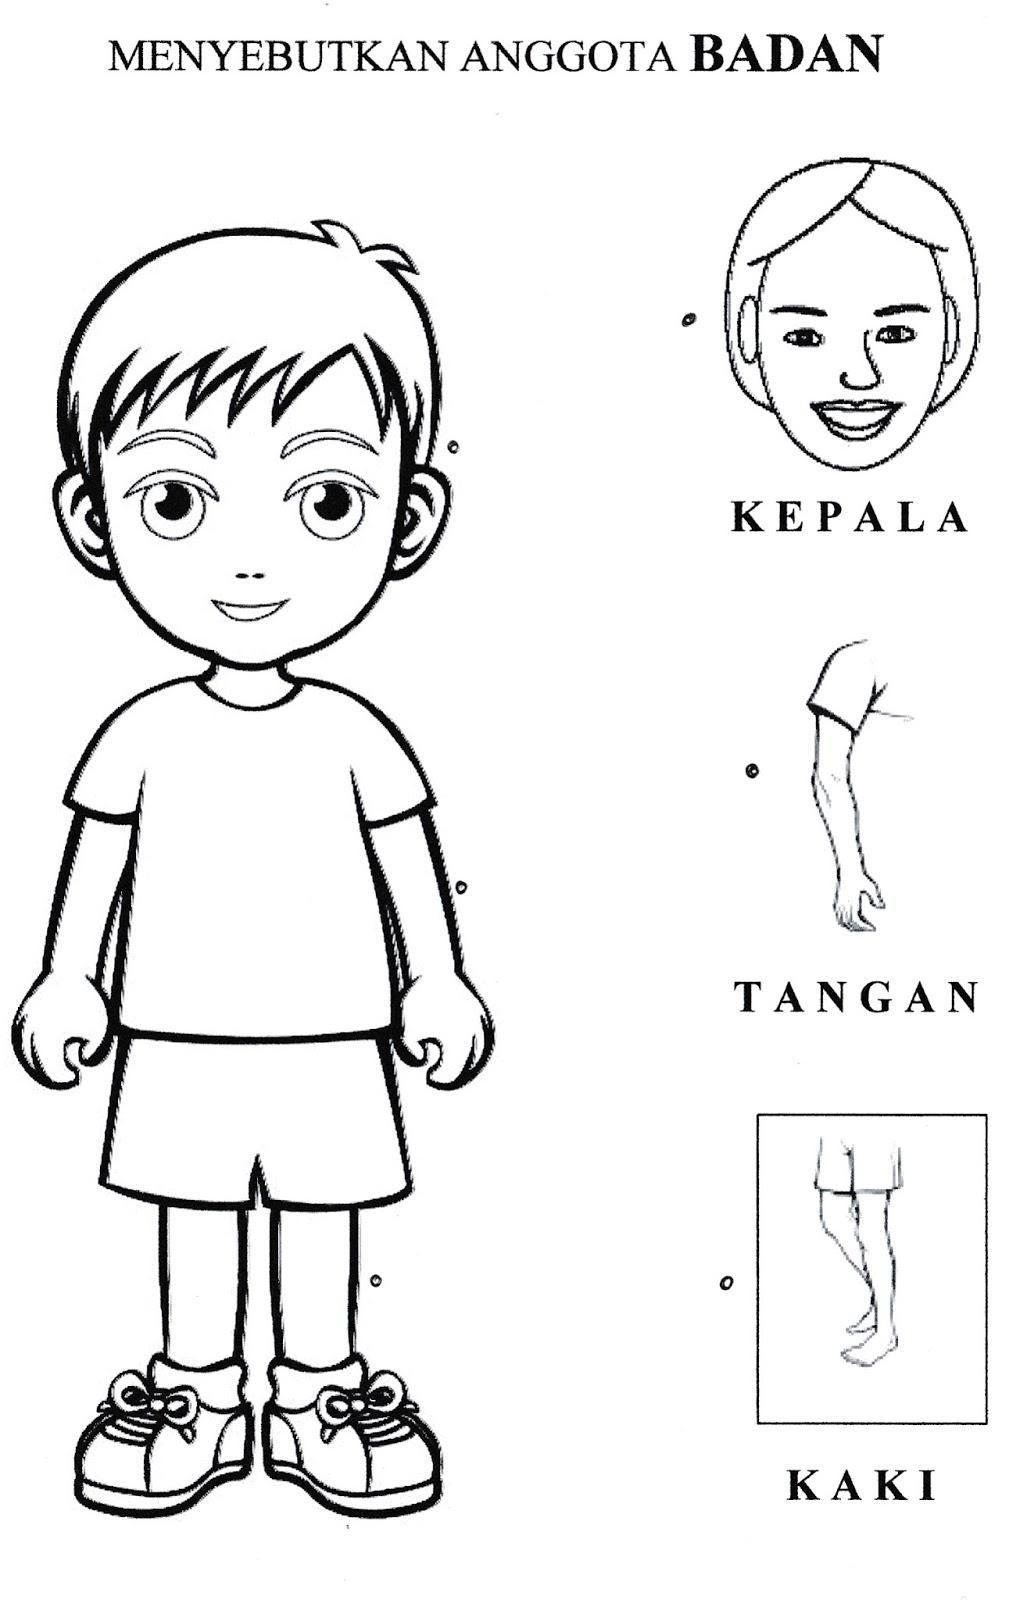 Worksheets Worksheet-anggota-tubuh lebih dari 100 mewarnai gambar anggota tubuh manusia pada kegiatan ini anak diharapkan bisa menyebutkan bagian dengan pembanding dan tubuhnya